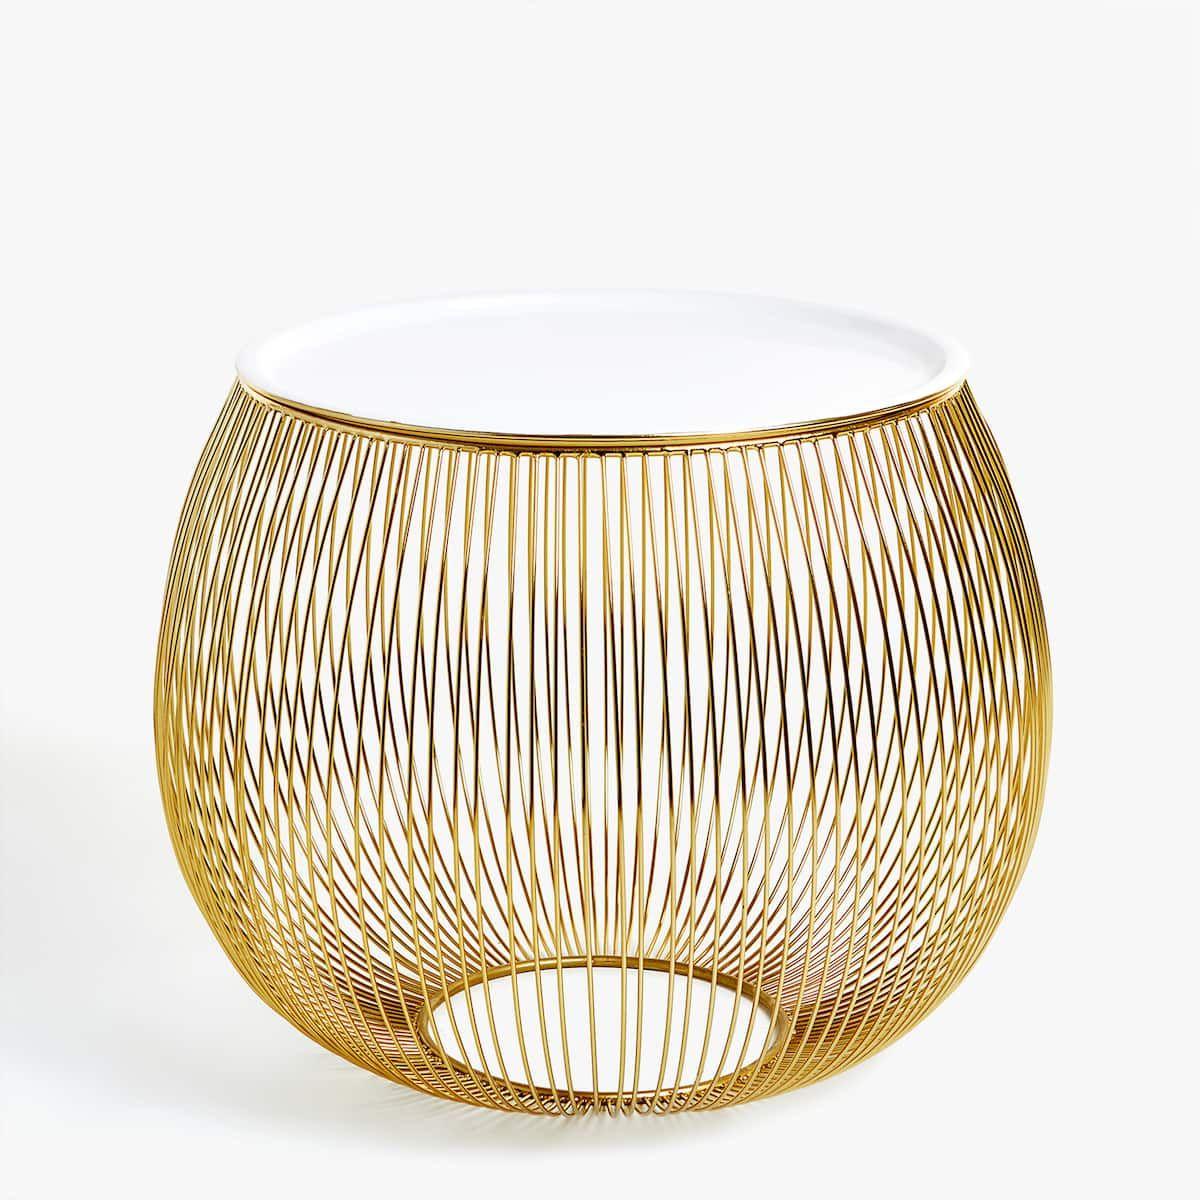 Bild 1 Des Produktes Beistelltisch Aus Goldfarbenen Metallstaben Zara Home Gold Home Decor Zara Home Table